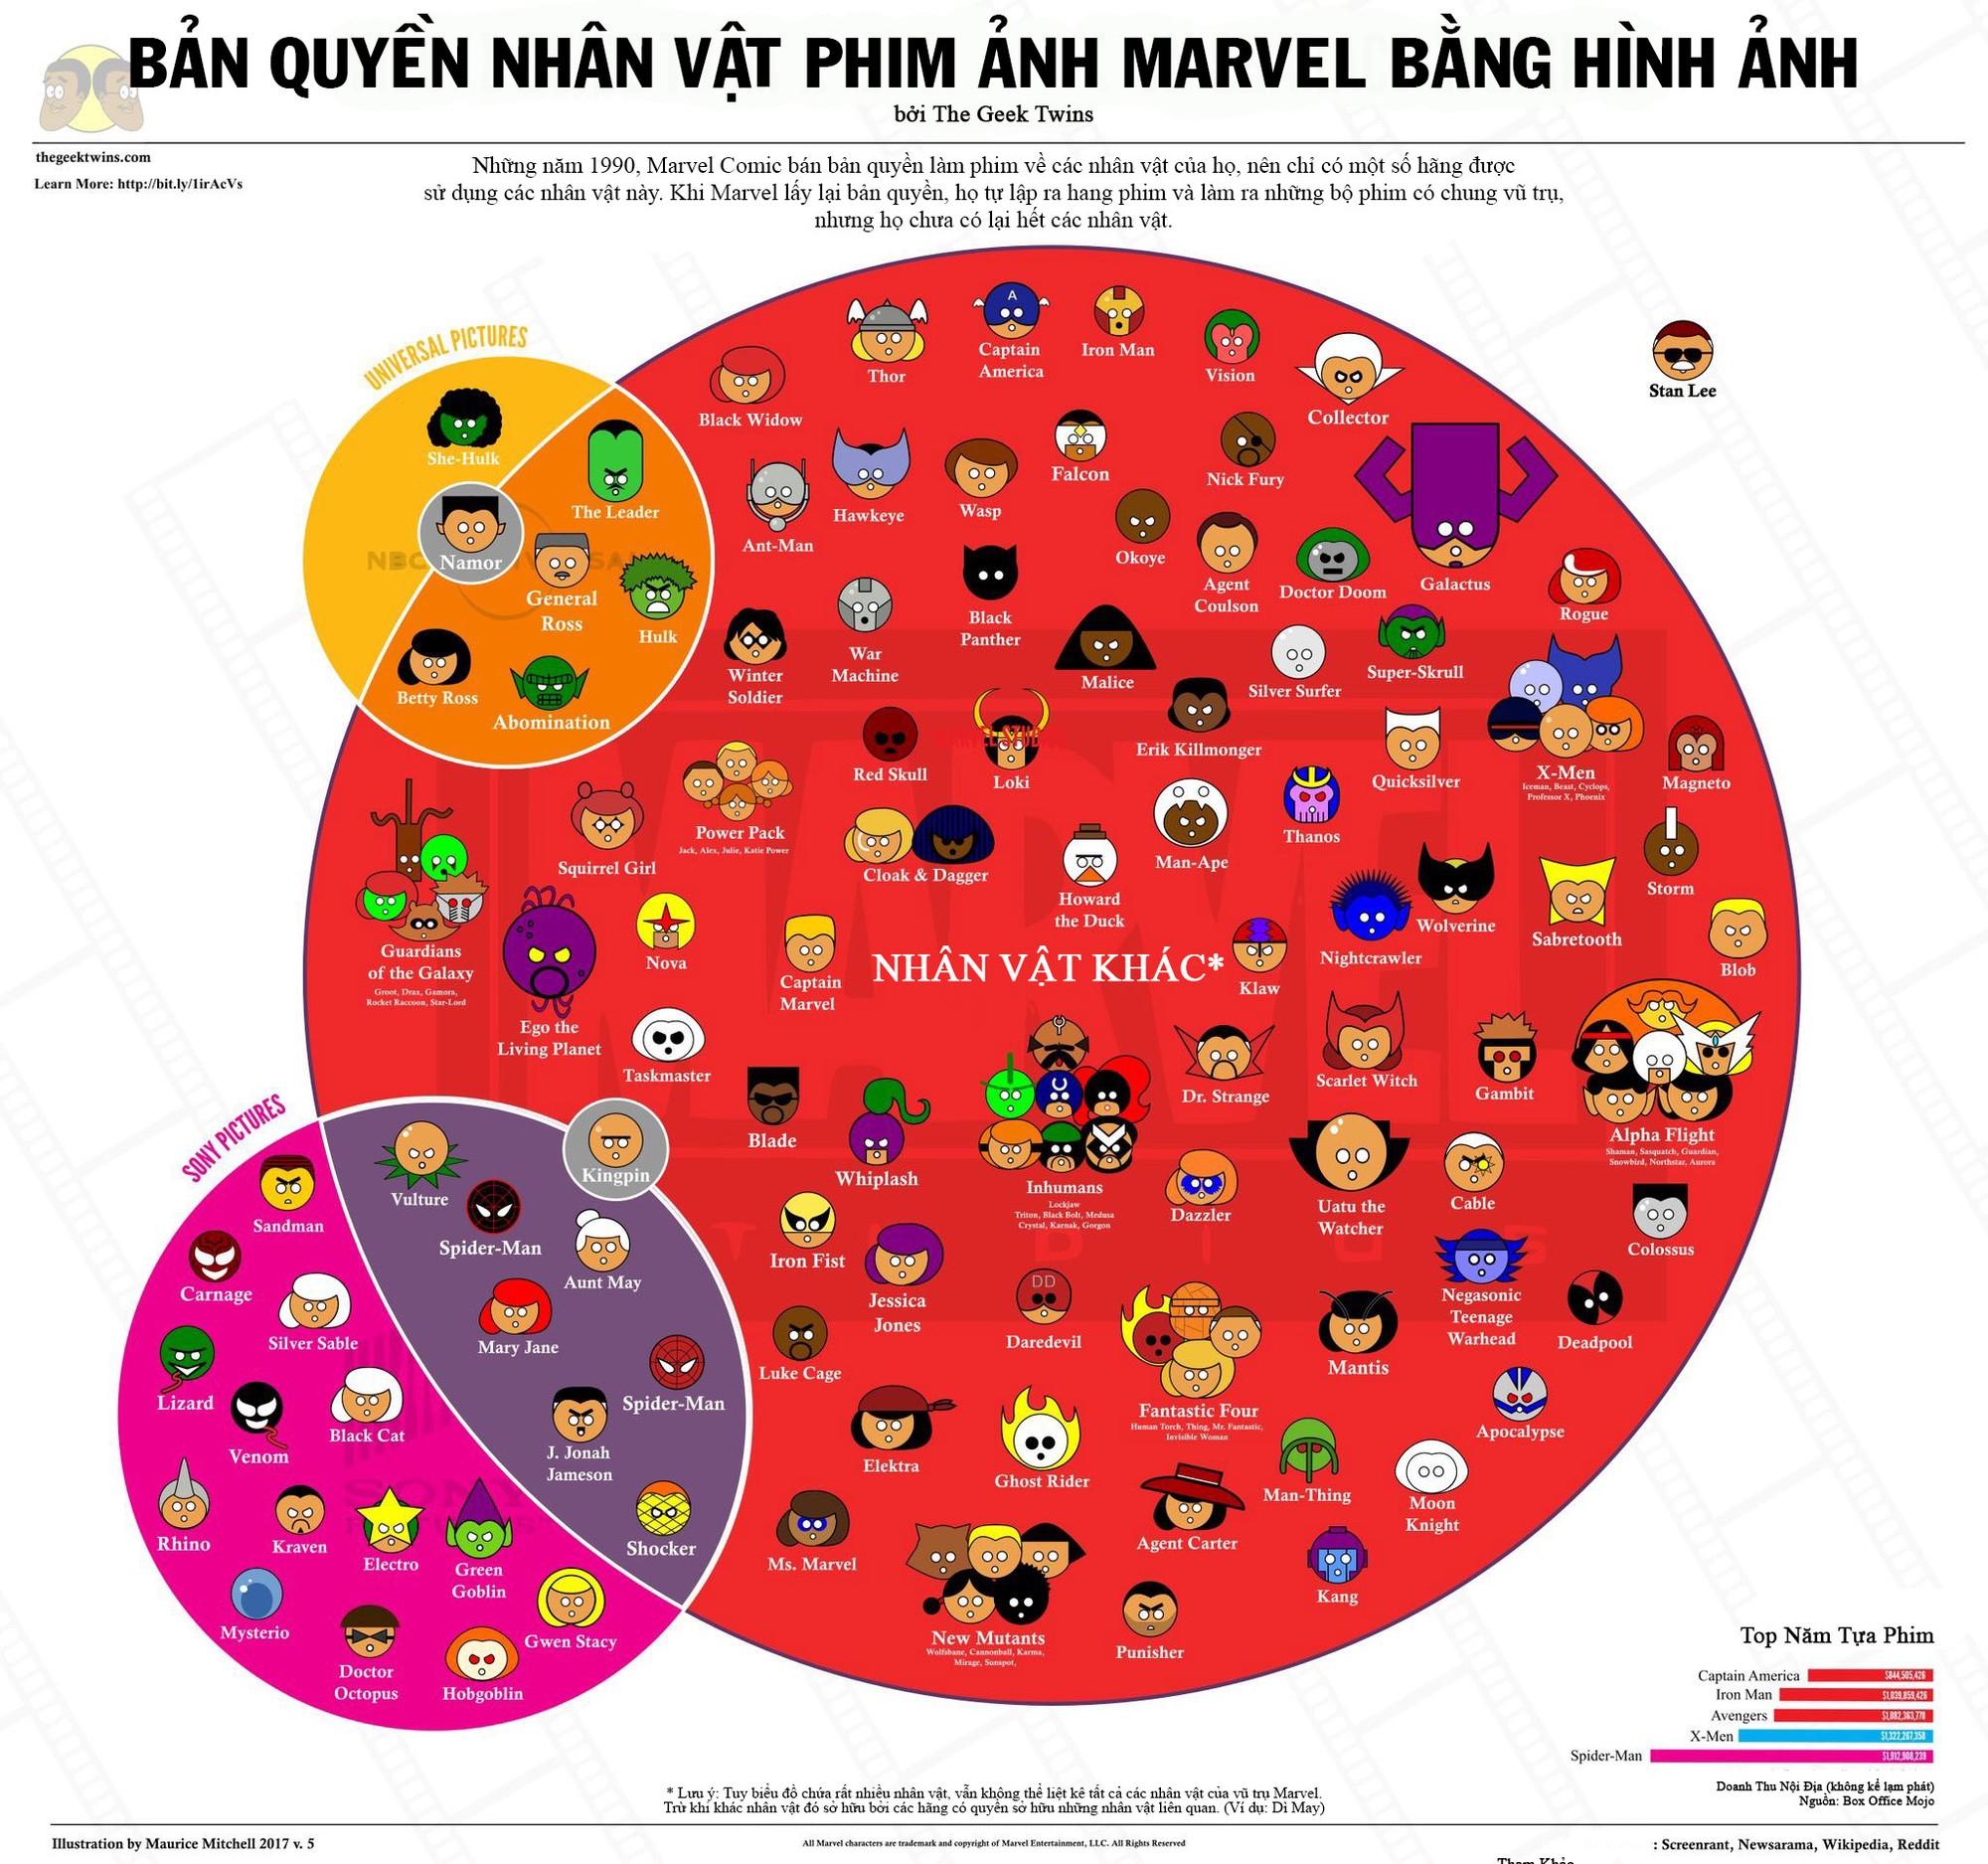 Chỉ 30 giây, nắm ngay tình trạng bản quyền nhân vật Marvel bằng một biểu